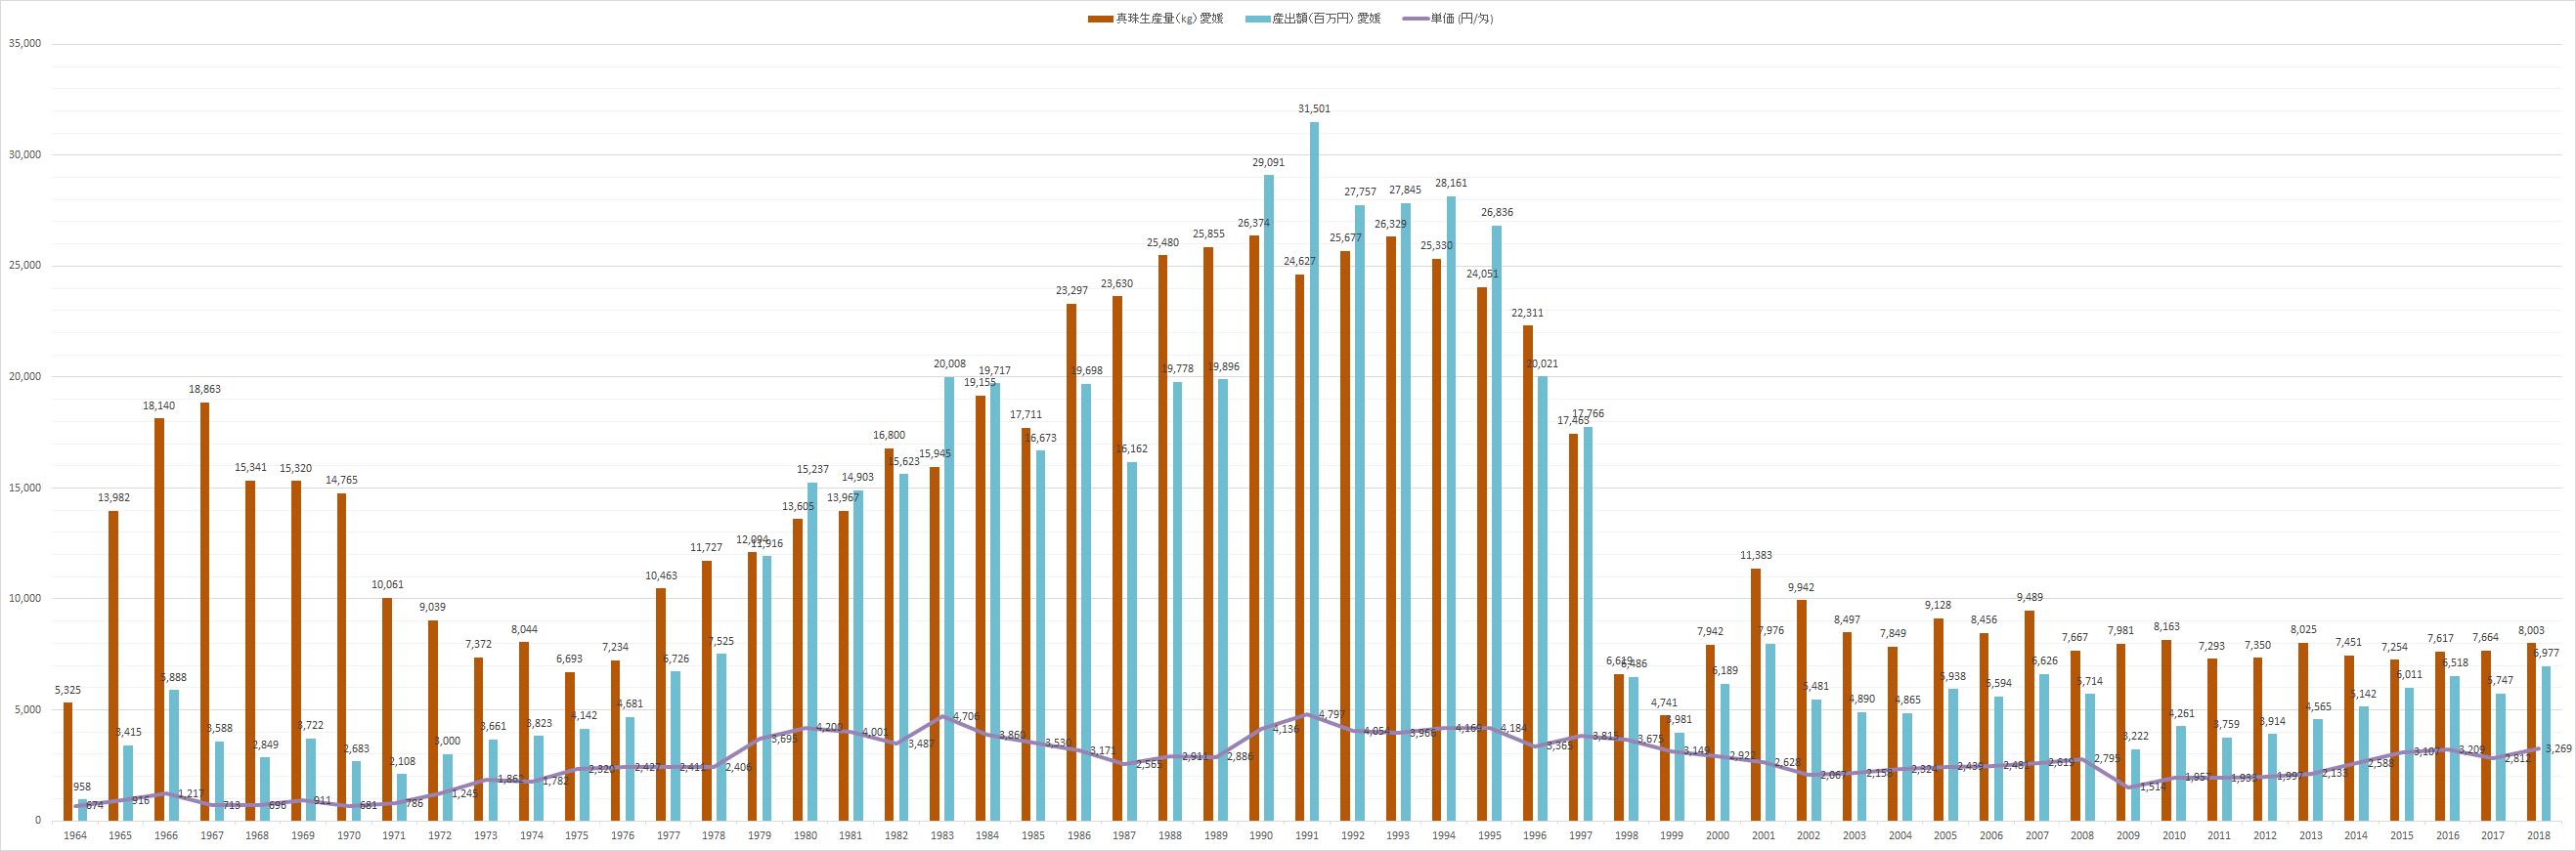 1964年から2018年までの宇和島での真珠生産量の推移